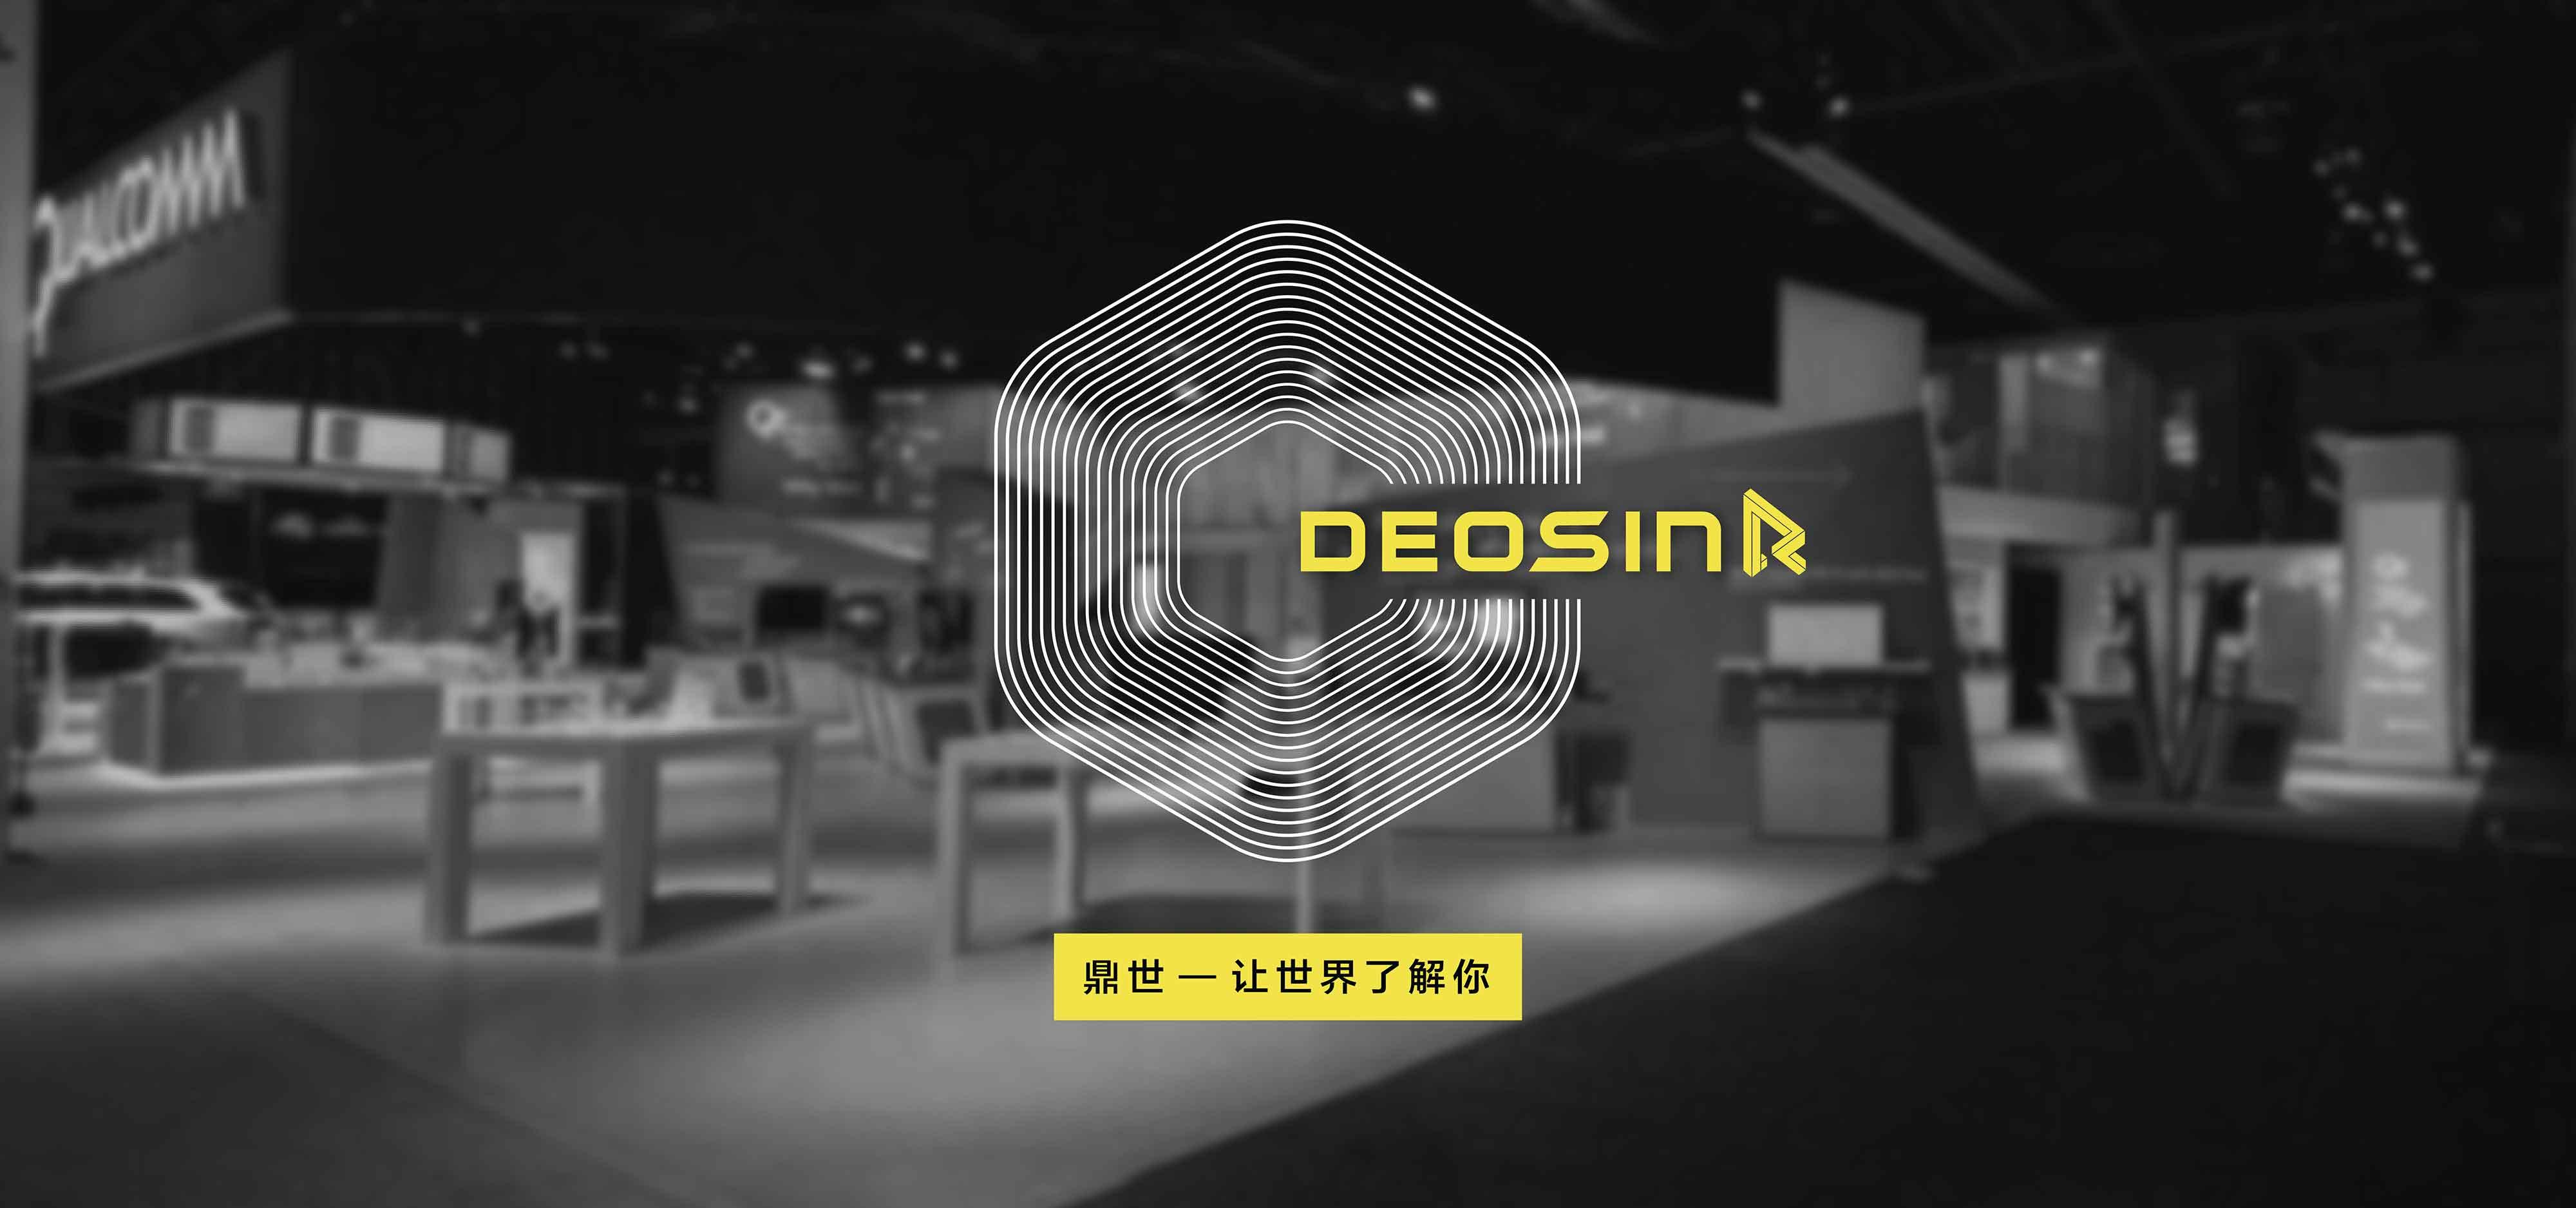 上海鼎世展览展示公司致力于展台搭建,展会设计与搭建,活动策划和展会搭建等服务。展台搭建商,展会搭建工厂,展览公司认准鼎世展览。